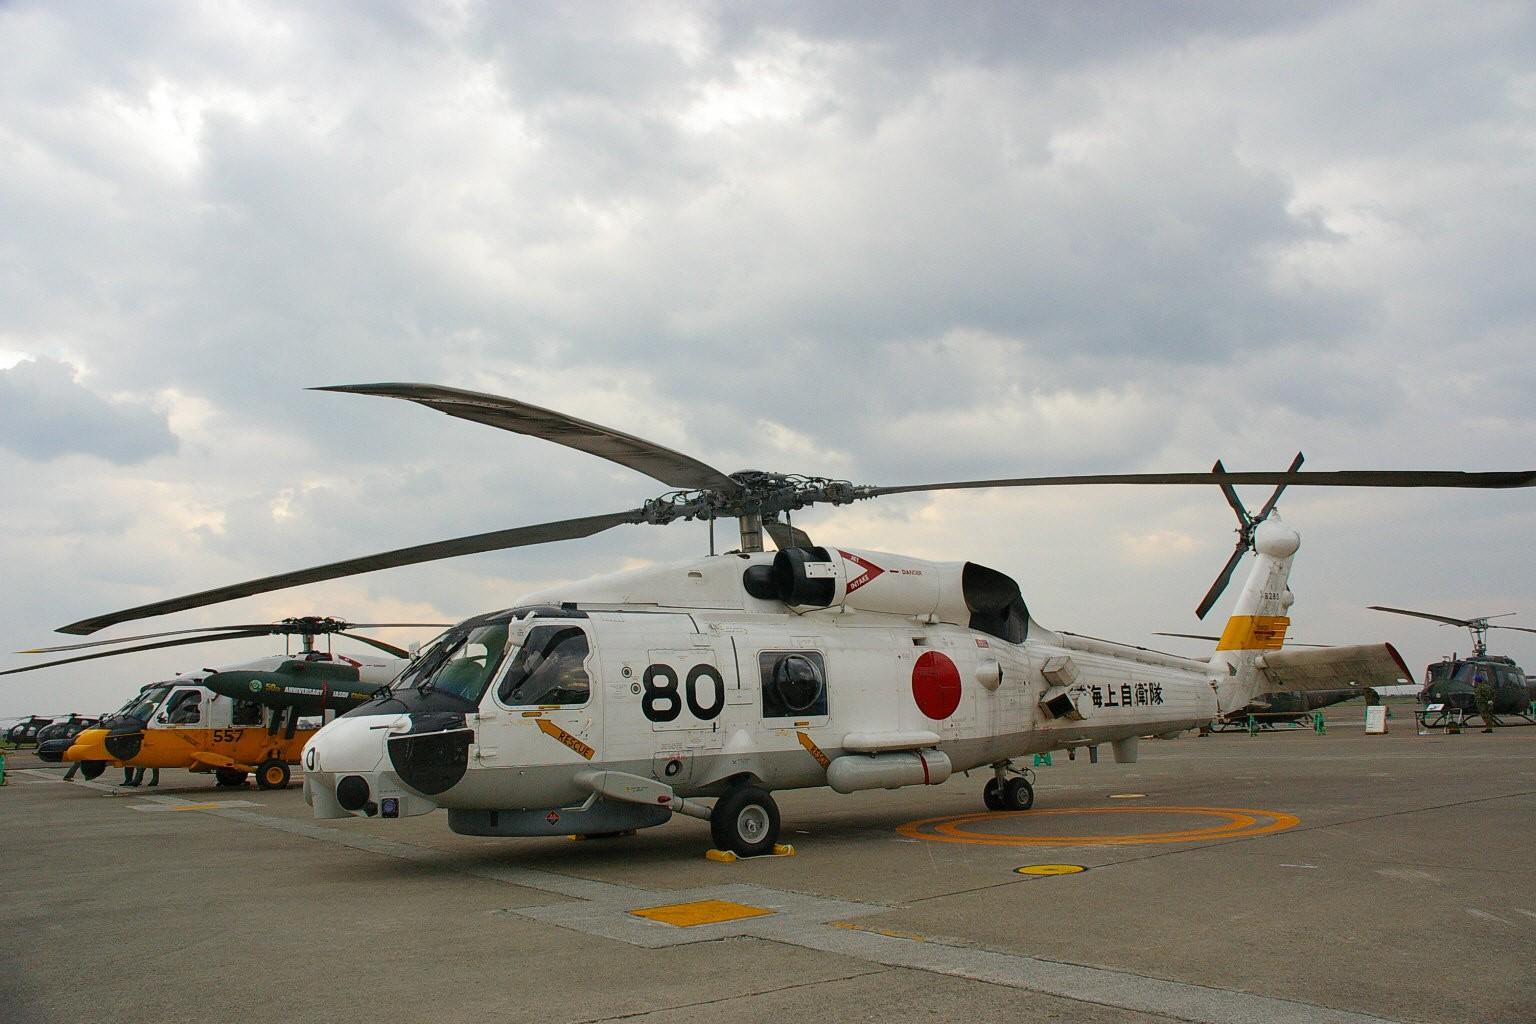 ВЯпонии разбился спасательный вертолет